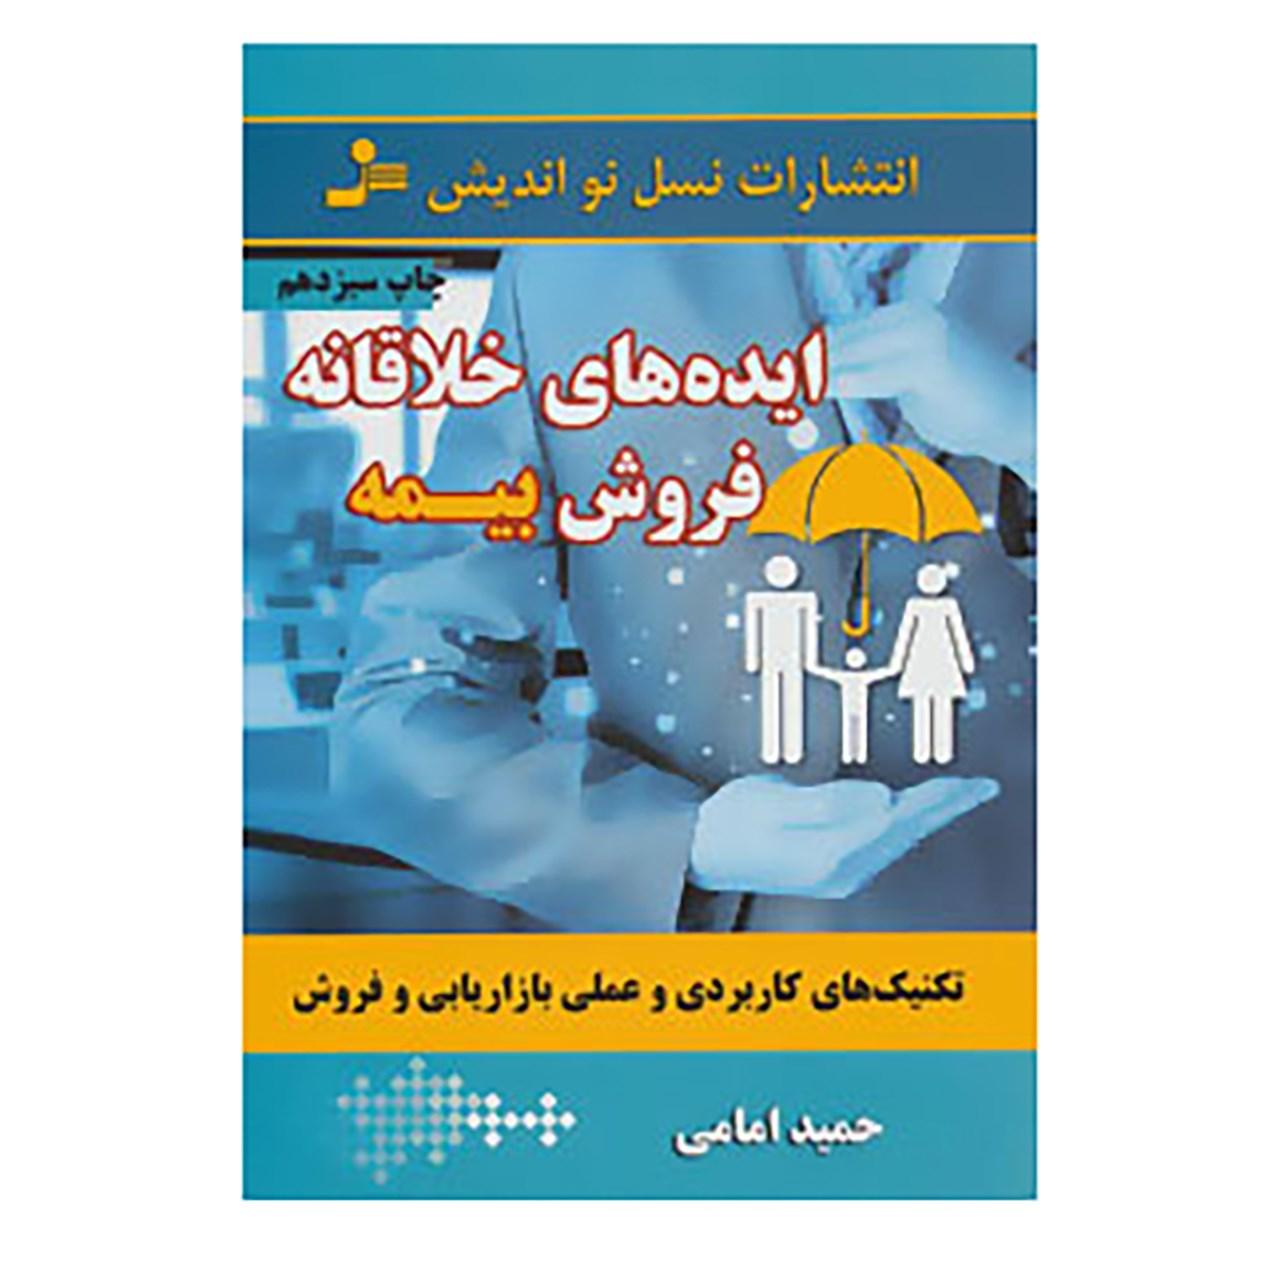 خرید                      کتاب ایده های خلاقانه فروش بیمه اثر حمید امامی